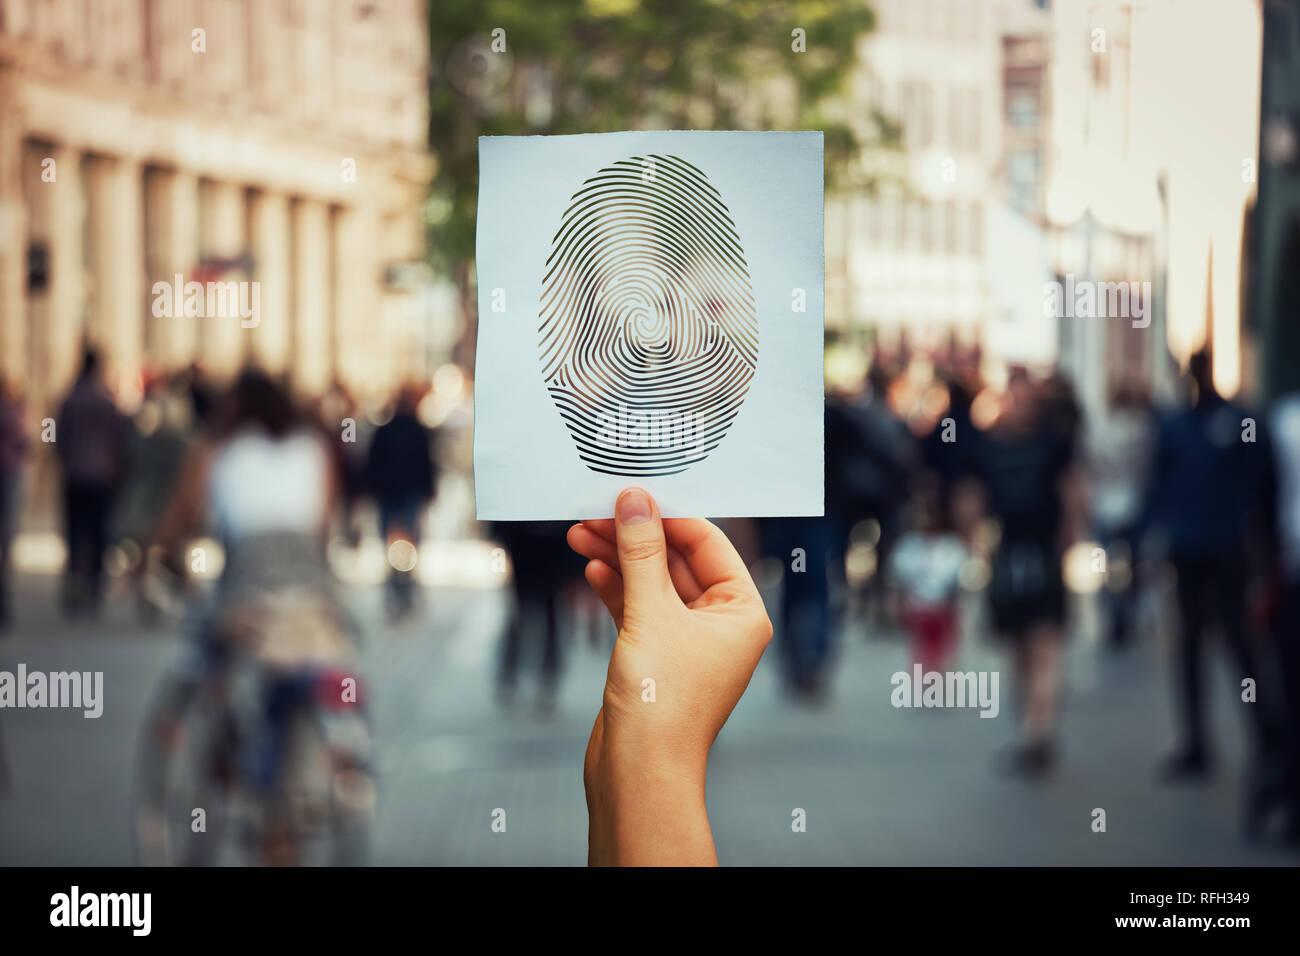 Hand hält ein Blatt Papier mit Fingerabdruck Symbol auf einer belebten Straße Hintergrund. Konzept der sozialen Identität und Privatsphäre. Persönliche private Daten diver Stockbild